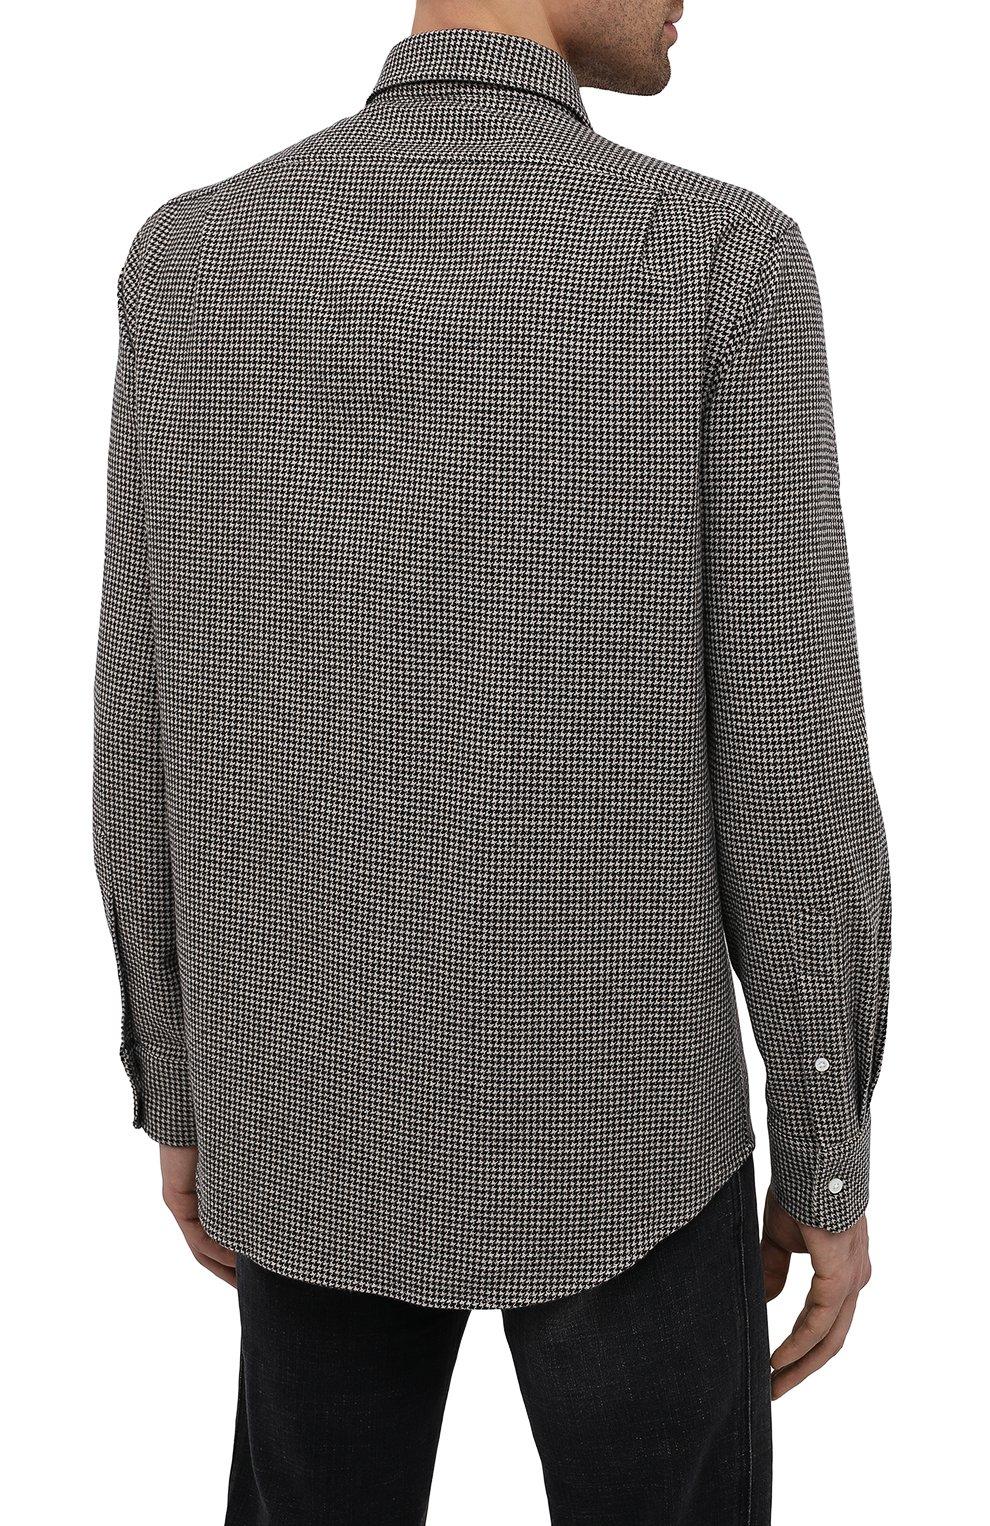 Мужская шерстяная рубашка RALPH LAUREN черно-белого цвета, арт. 791820124   Фото 4 (Манжеты: На пуговицах; Материал внешний: Шерсть; Рукава: Длинные; Воротник: Акула; Случай: Повседневный; Длина (для топов): Стандартные; Принт: С принтом; Мужское Кросс-КТ: Рубашка-одежда; Стили: Кэжуэл)